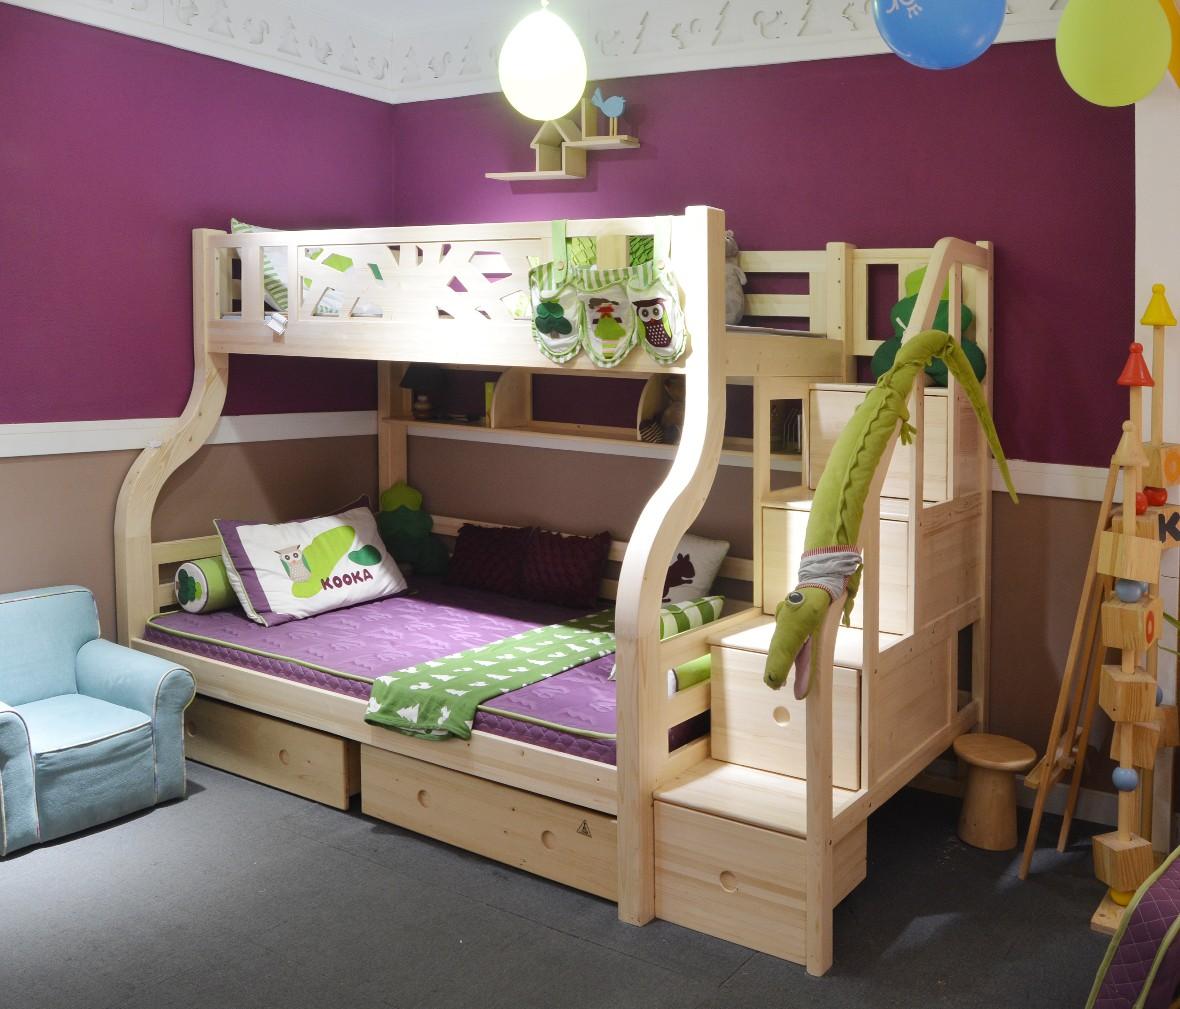 松果儿童家具 PAB010-1.35型号实木上下床 芬兰松材质儿童床 商品情景